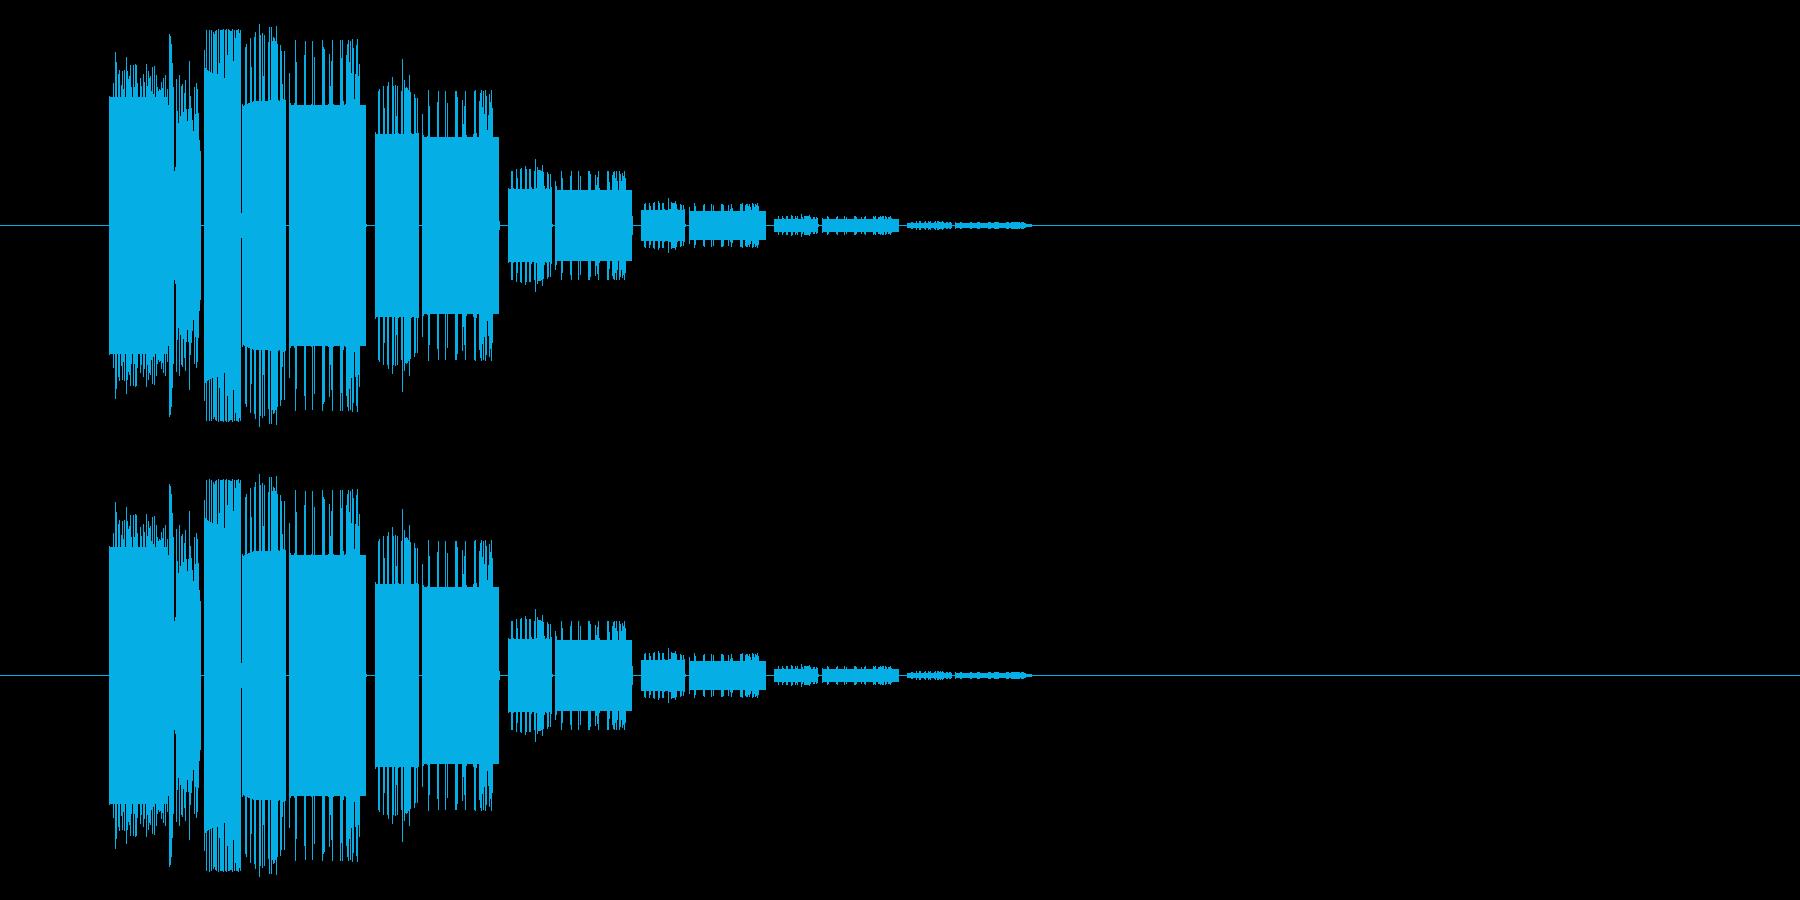 【GB 汎用03-09(ノイズ)】 の再生済みの波形